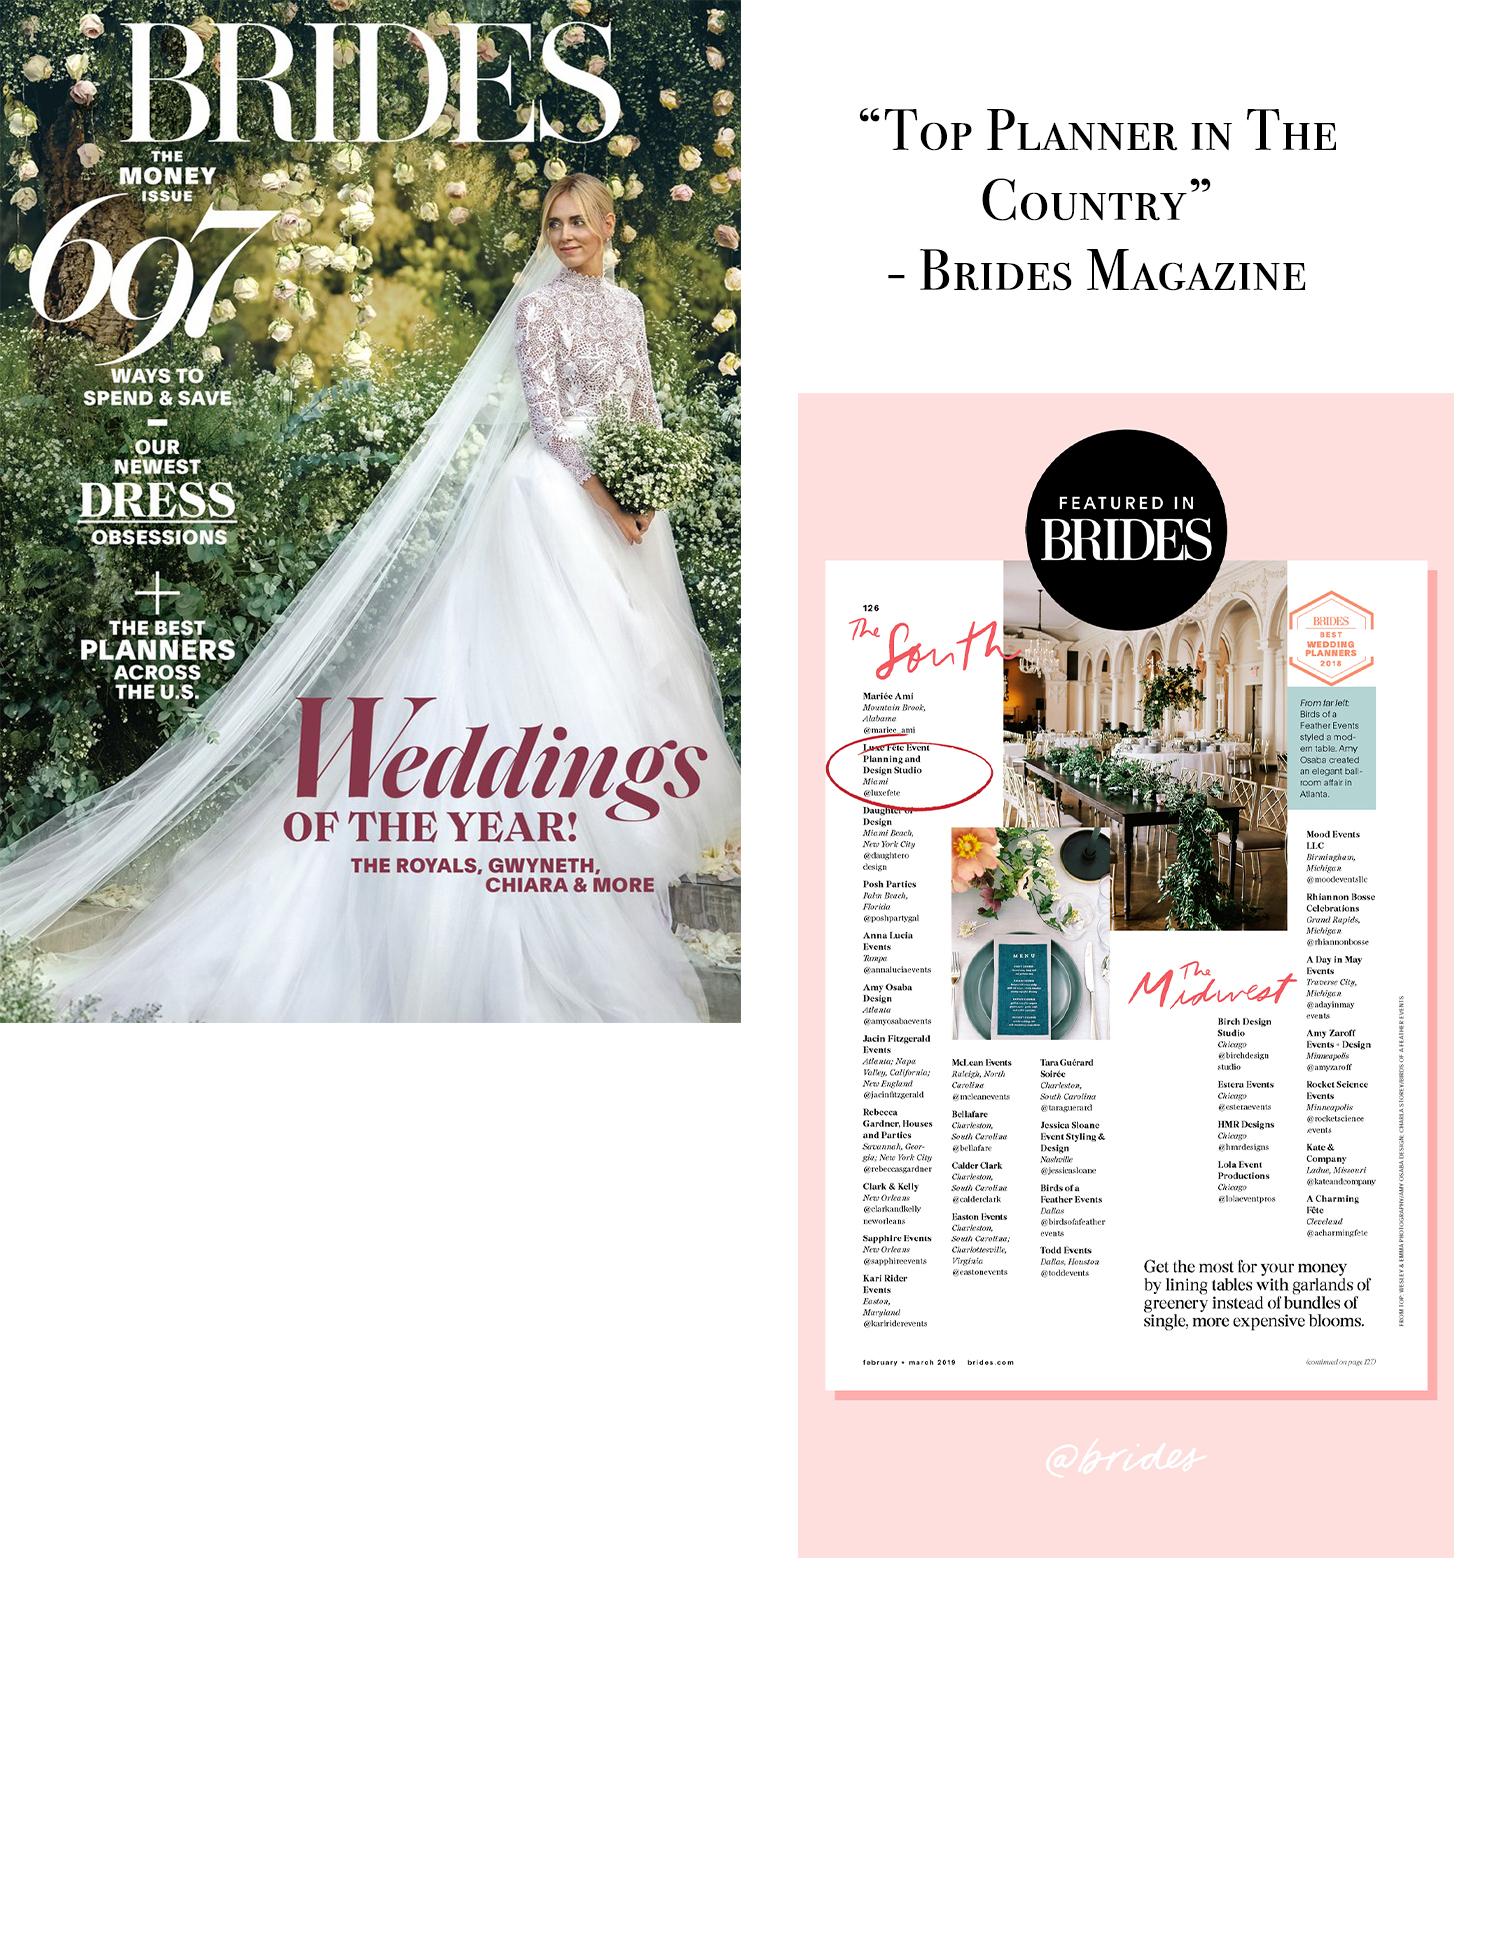 brides magazine 1.jpg